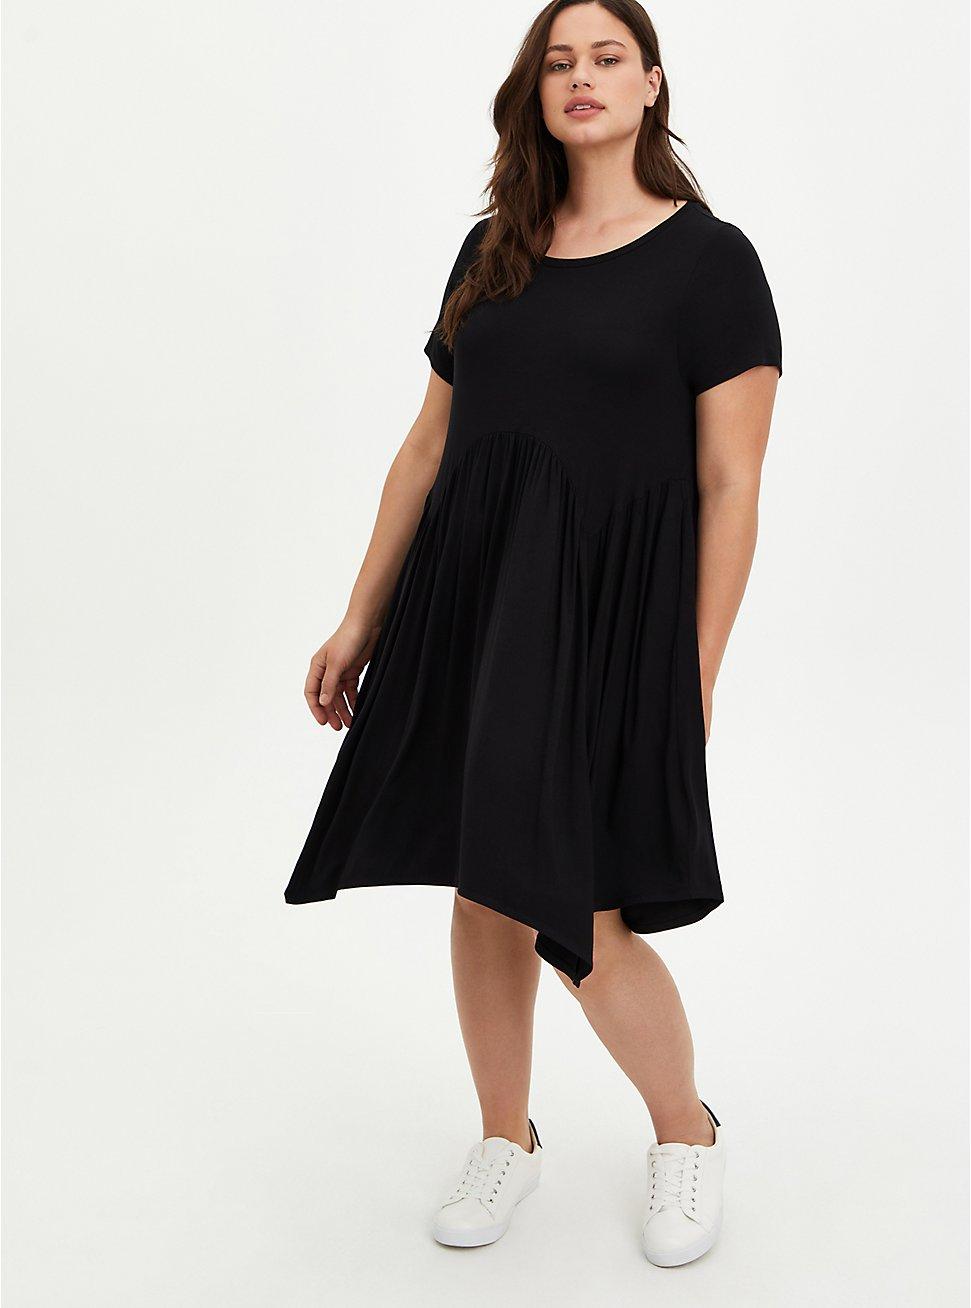 Plus Size Scoop Neck Skater Dress - Super Soft Black, DEEP BLACK, hi-res